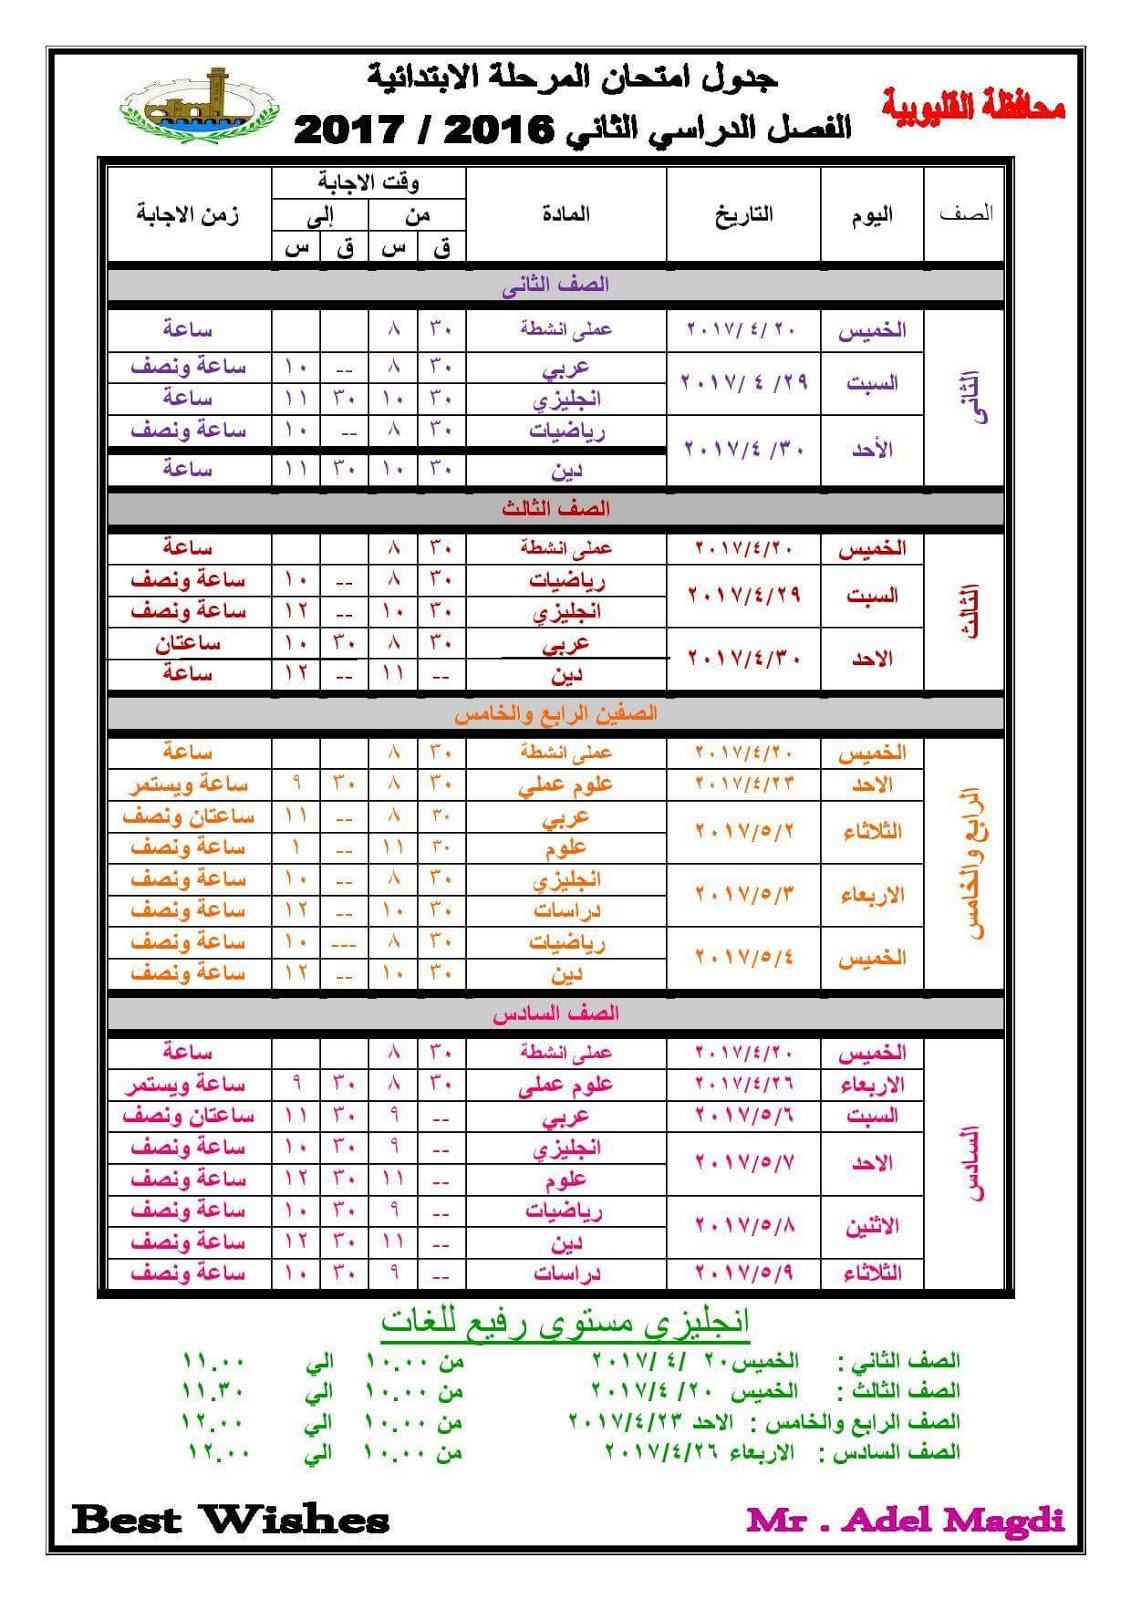 تحميل جدول امتحانات اخر العام لمحافظة القليوبية الترم الثاني ابتدائى ،اعدادى،ثانوى